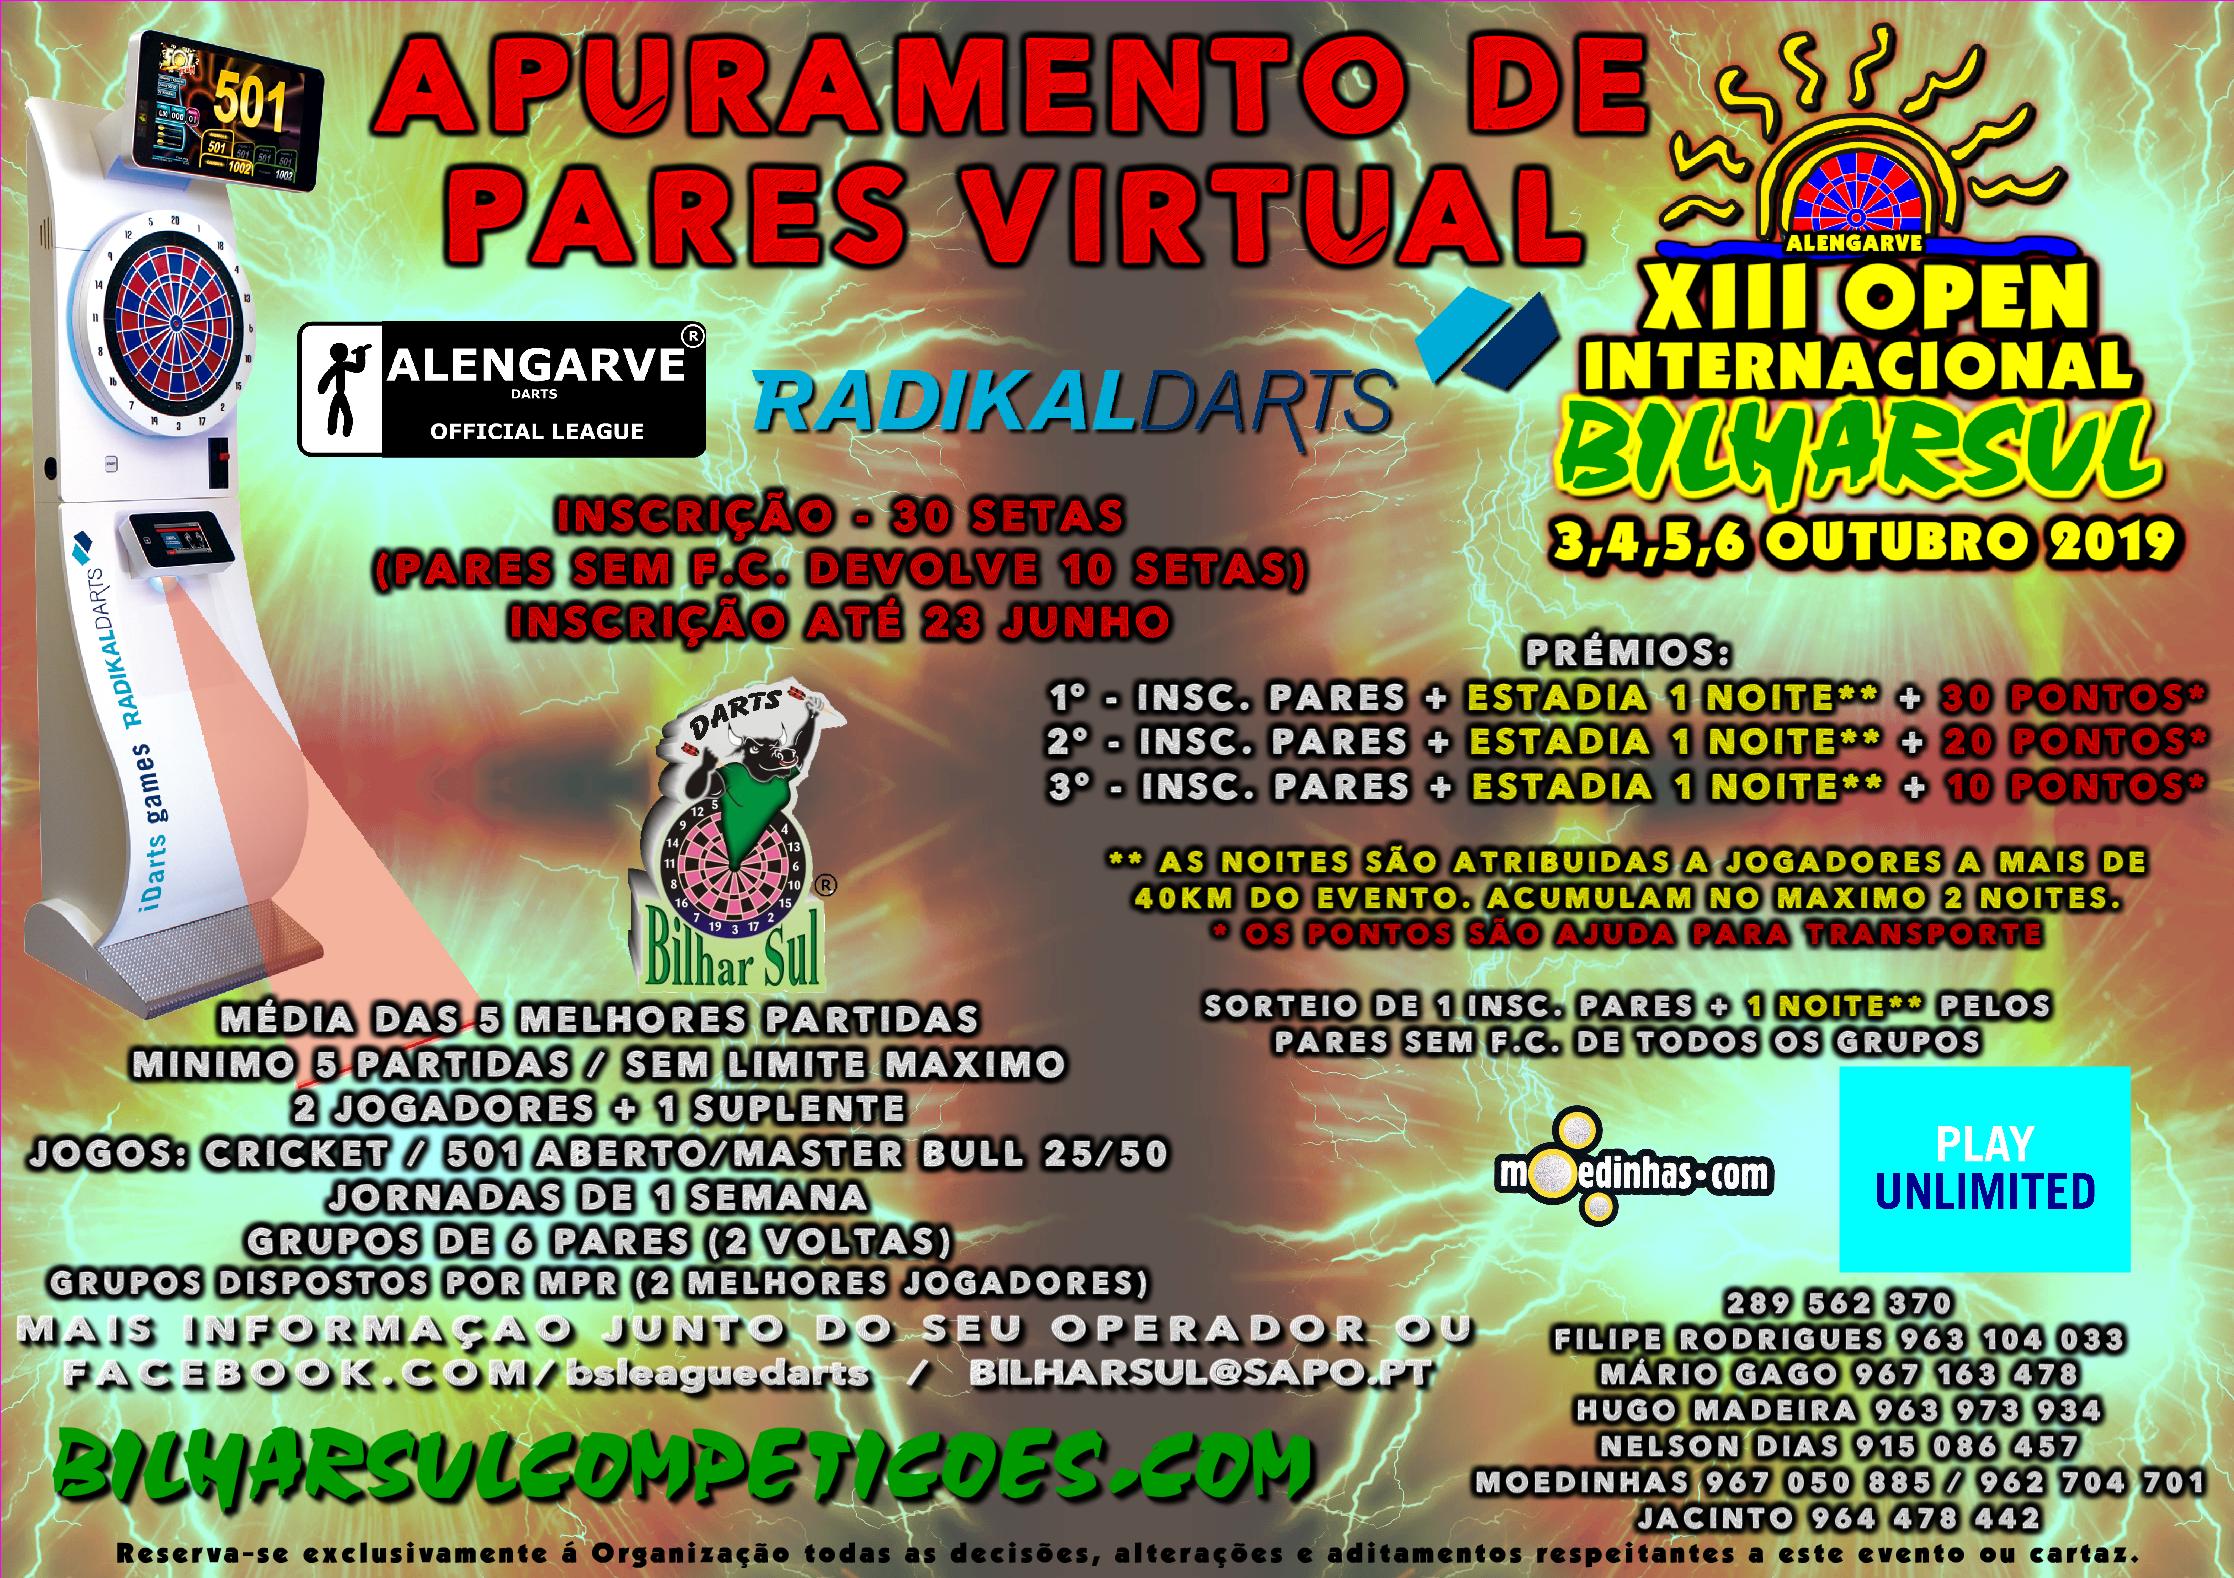 APURAMENTO DE PARES VIRTUAL – XIII OPEN INTERNACIONAL